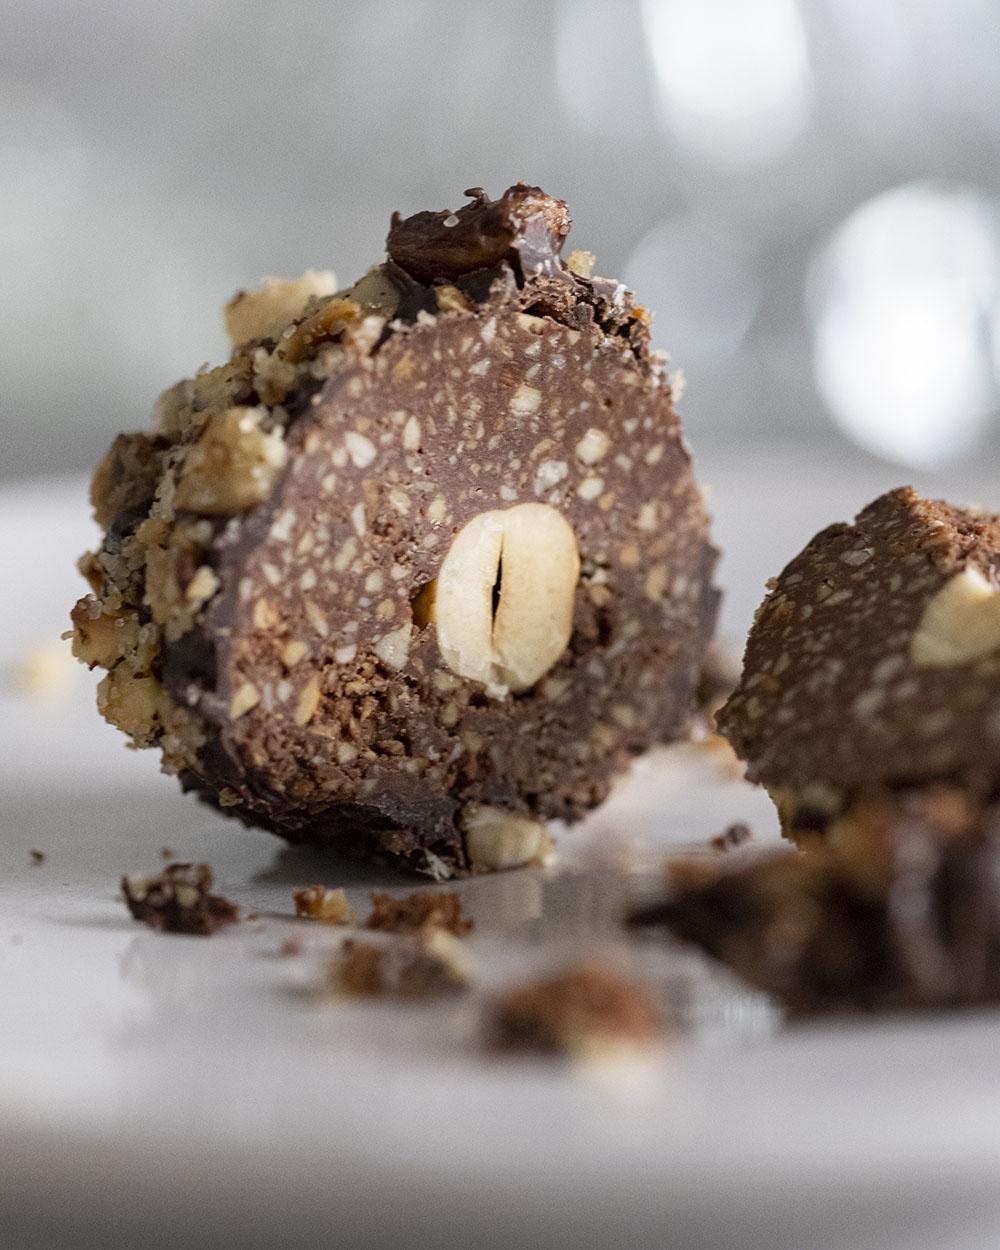 Nahaufnahme einer aufgeschnittenen Schokoladenkugel. Im Inneren ist die ganze Haselnuss zu sehen.